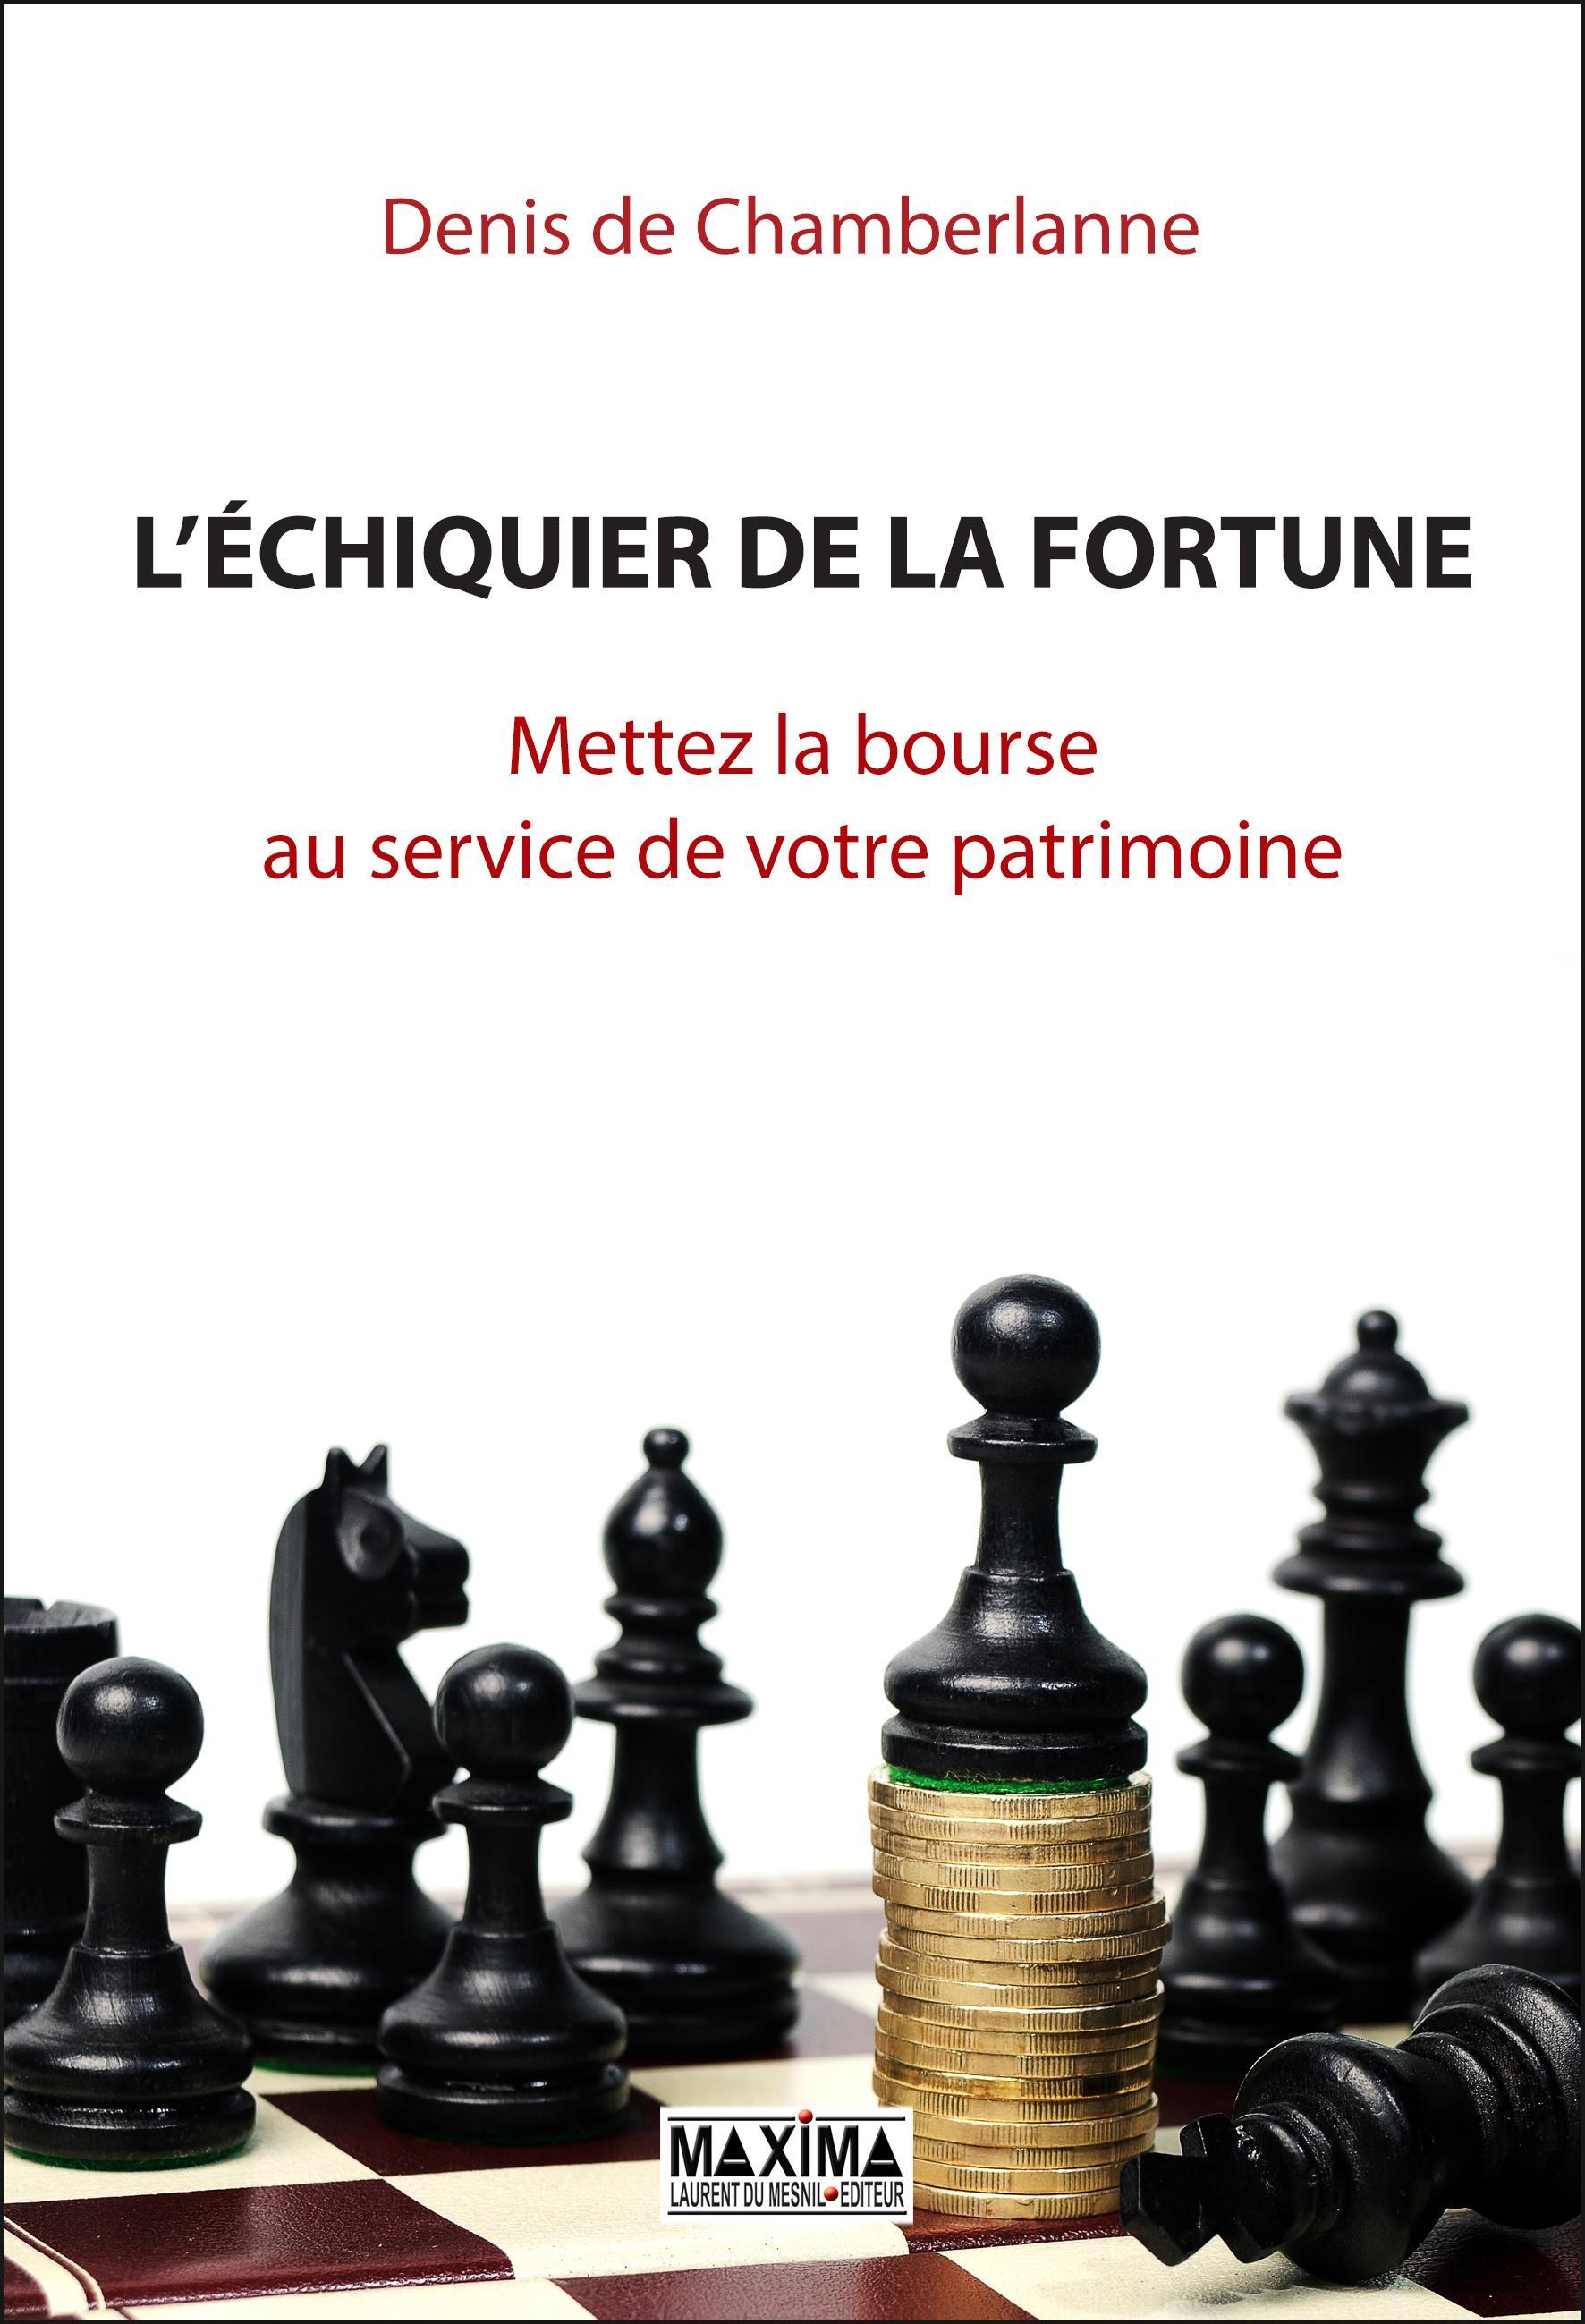 L'échiquier de la fortune, METTEZ LA BOURSE AU SERVICE DE VOTRE PATRIMOINE